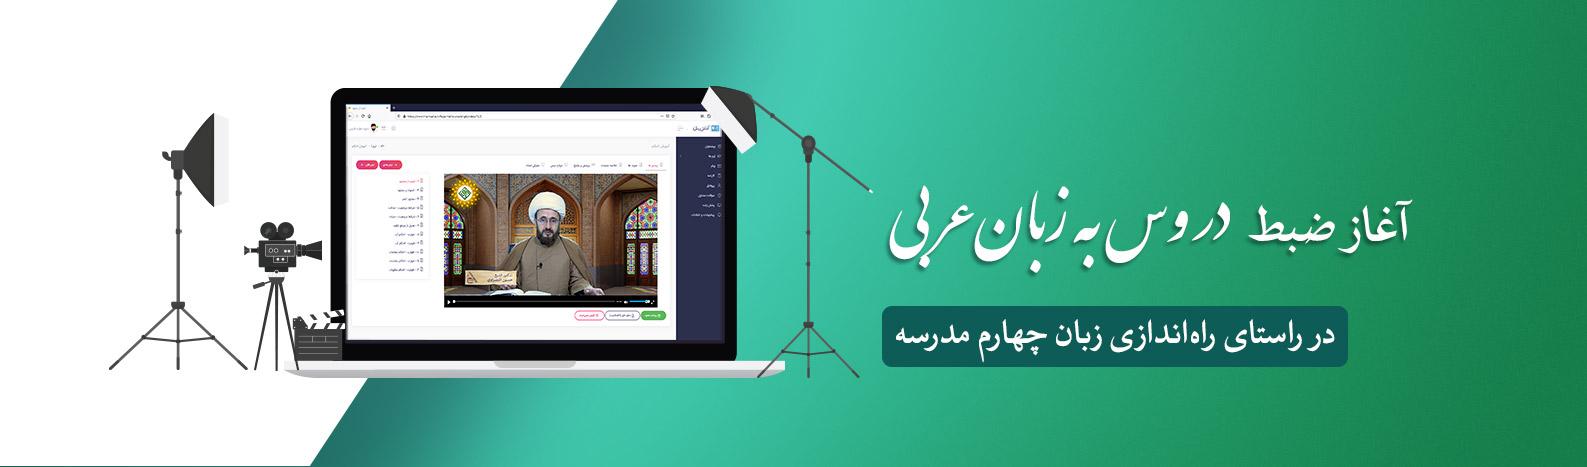 آغاز ضبط دروس عربی